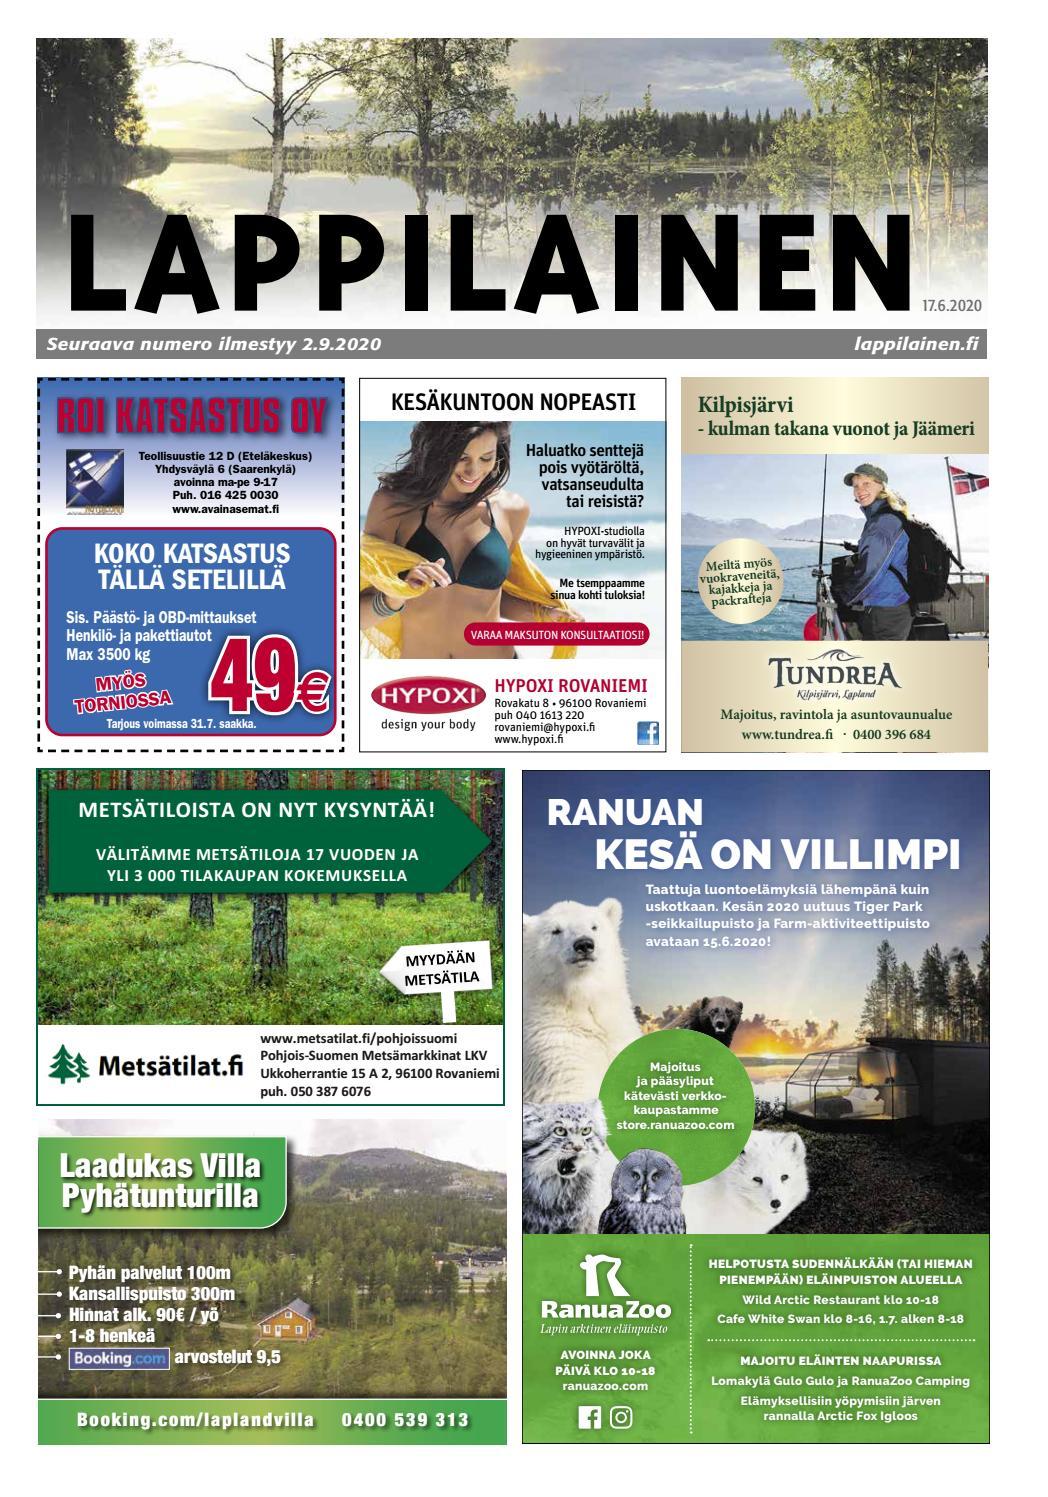 viehättäviä naisia etsii miestä kemijärvi kuumat naiset etsii miestä köping